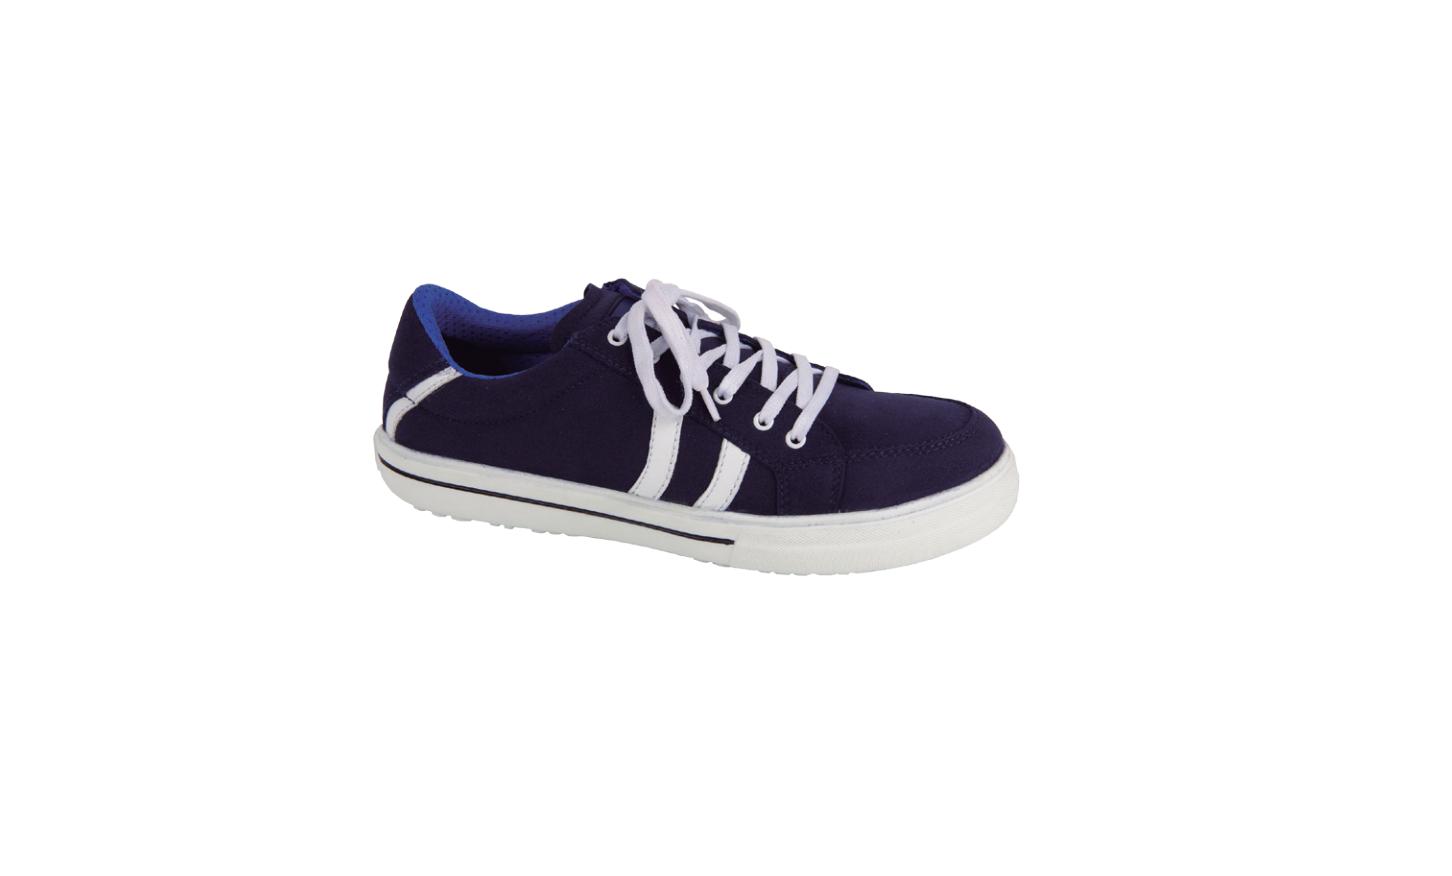 Zapato Seguridad Deportivo Claus S3